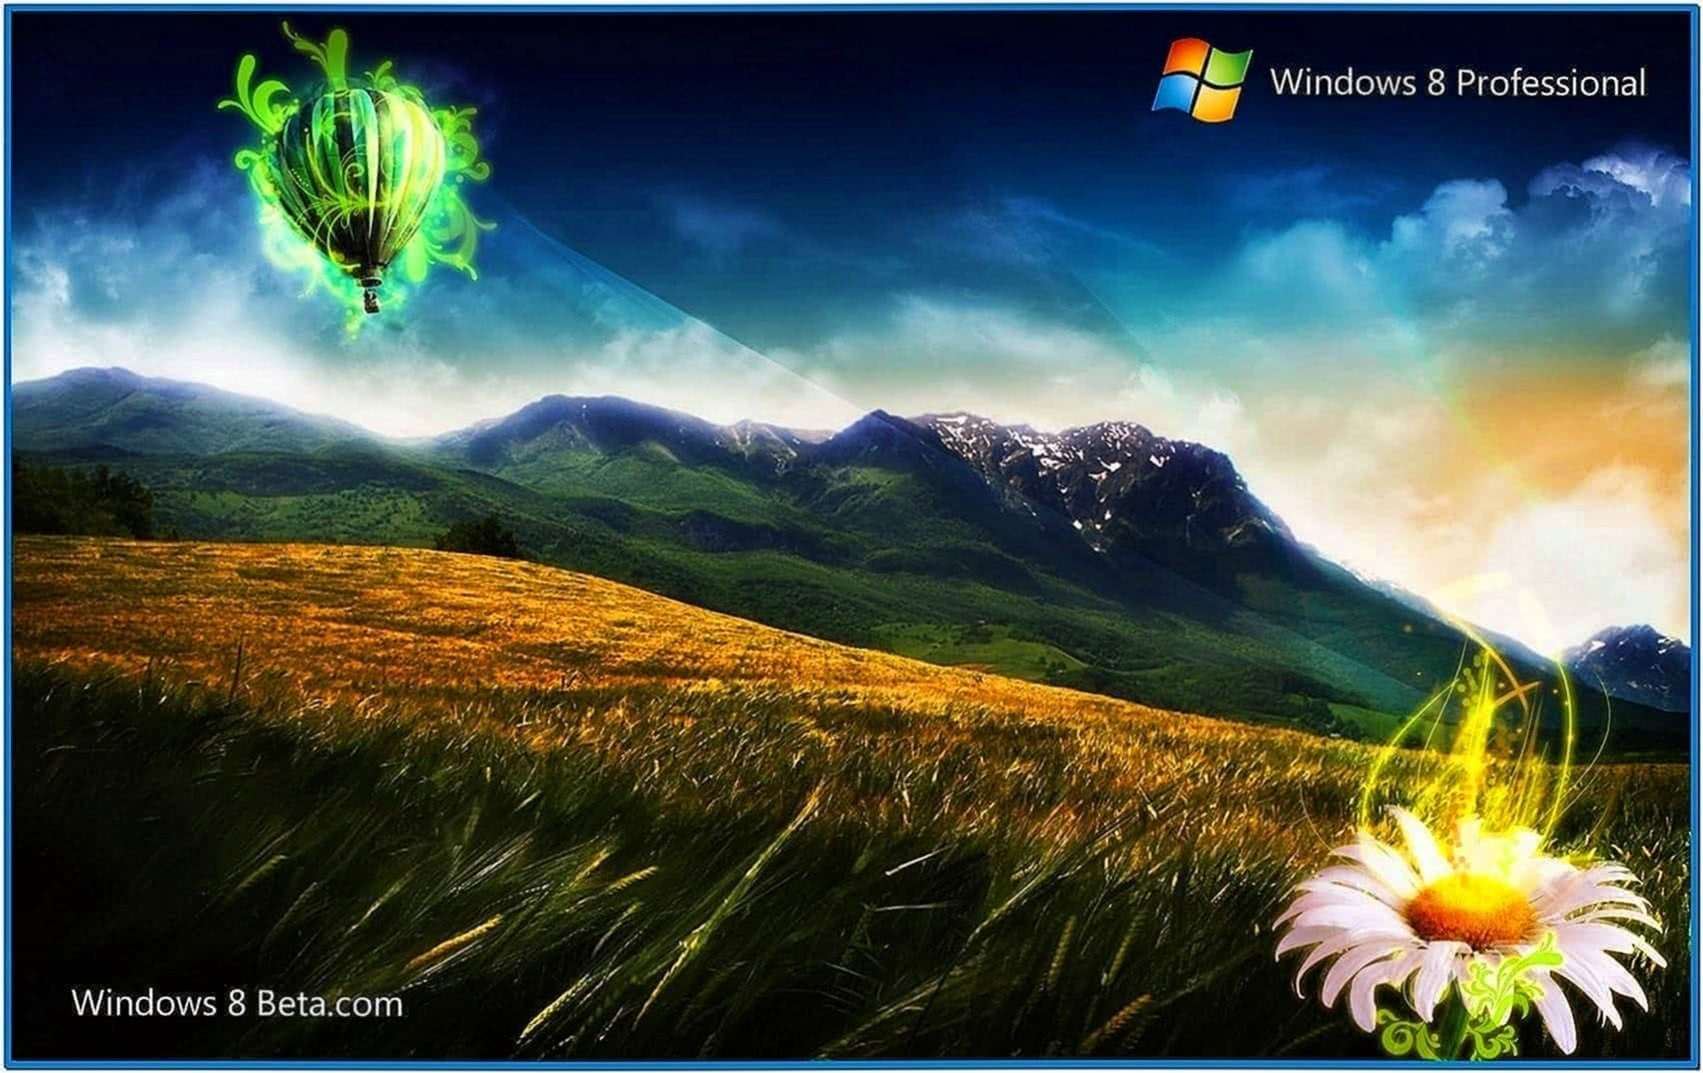 Screensaver Software Windows 8